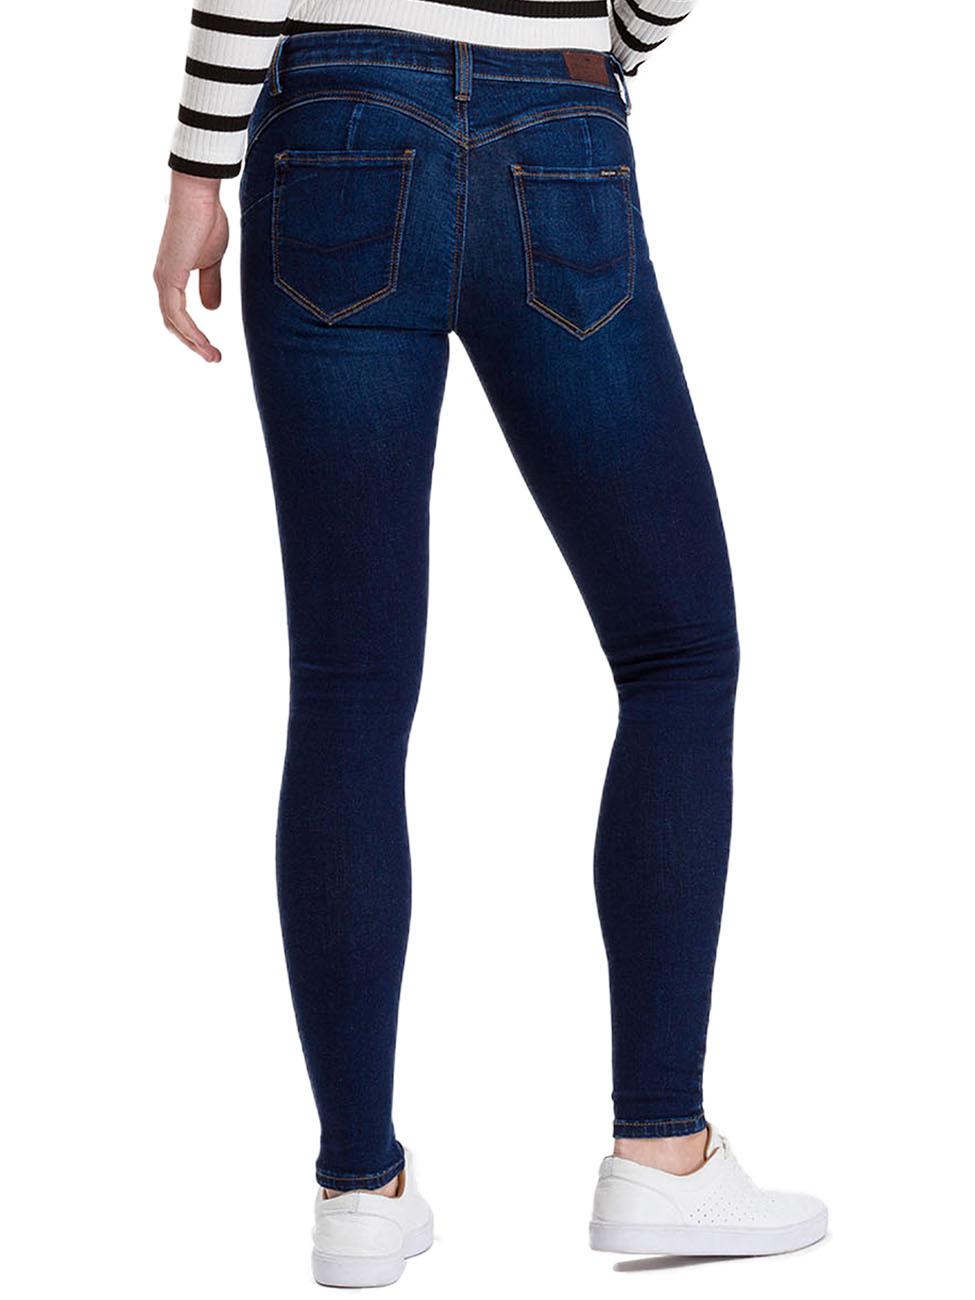 Shop für authentische erstklassiges echtes genießen Sie besten Preis Cross Jeans Damen Push Up Jeans Page - Super Skinny Fit - Blau - Dark Blue